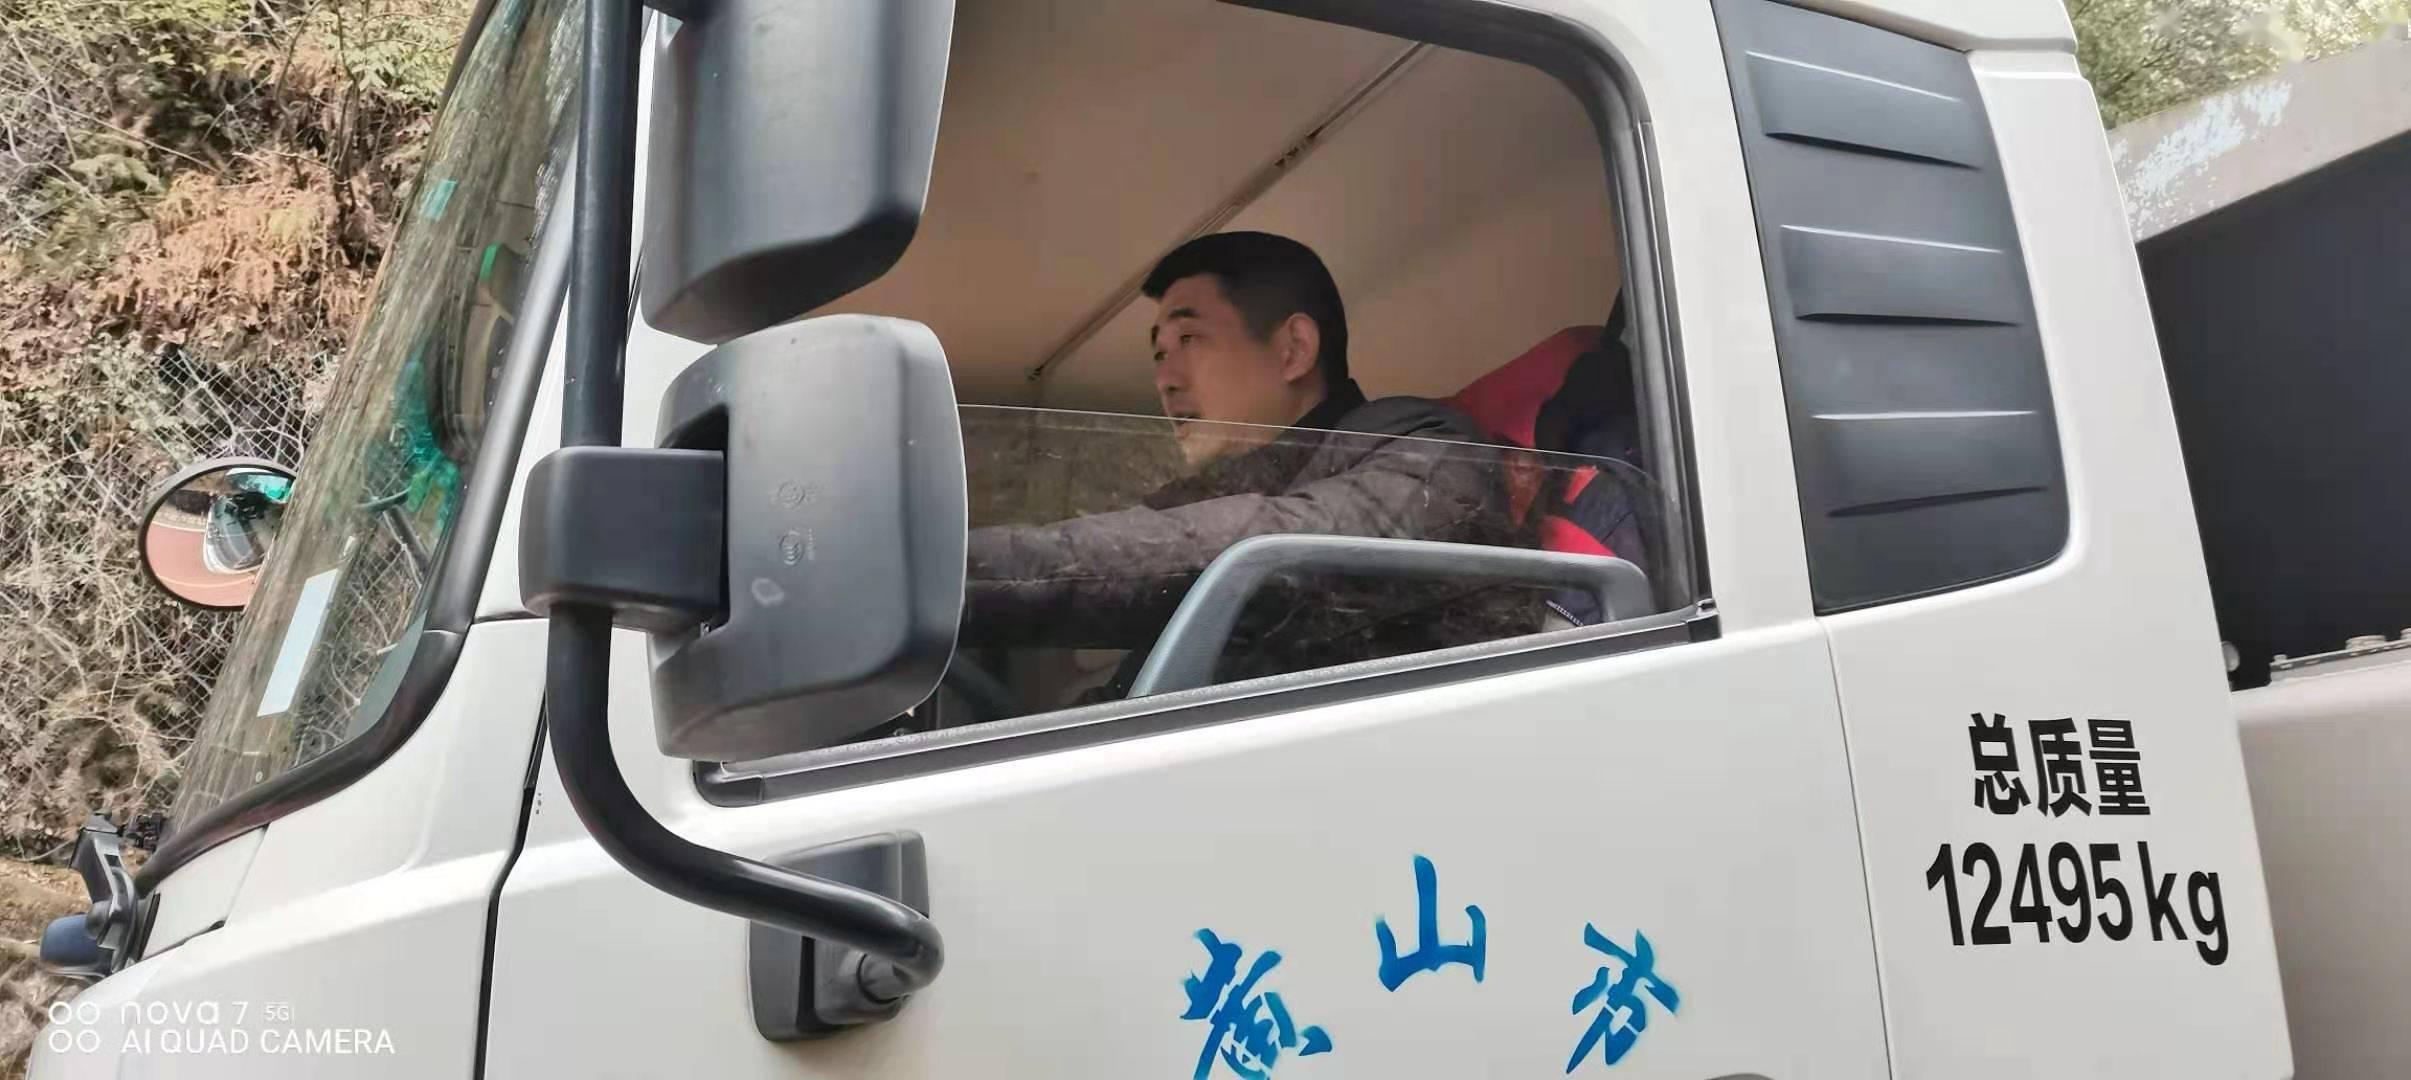 安徽黄山景区员工坚守岗位 呵护游客舒心之旅